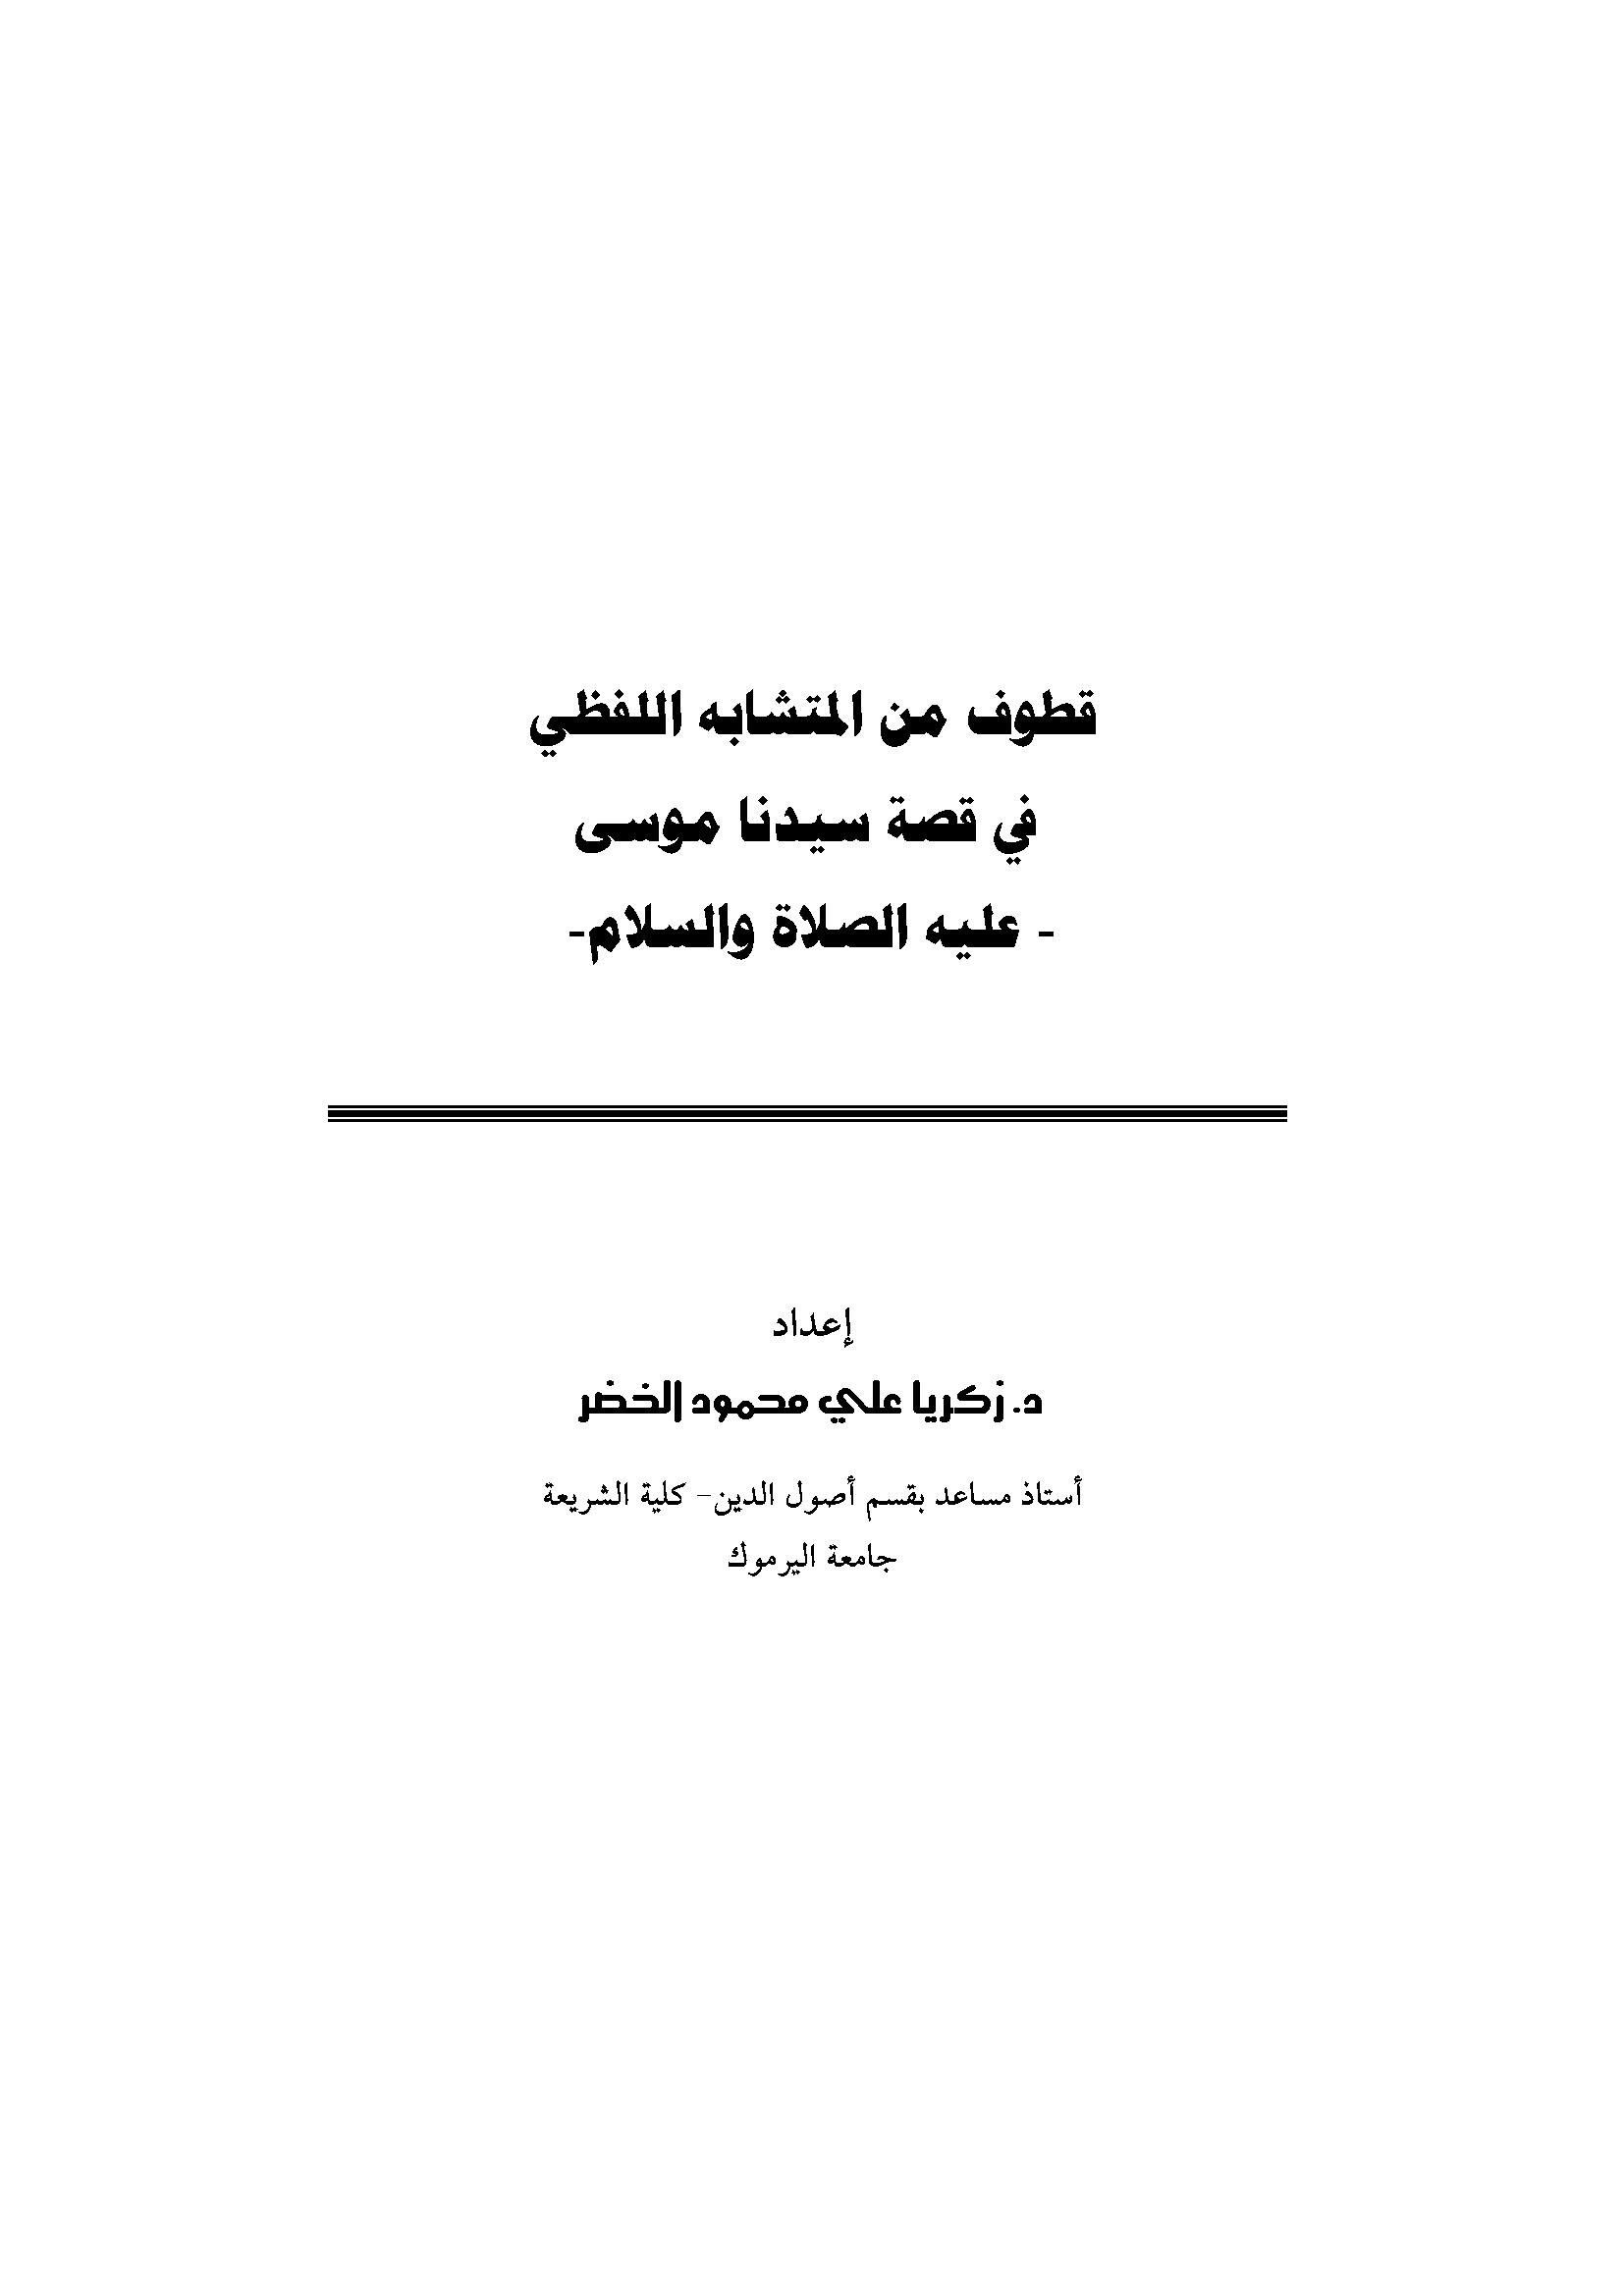 تحميل كتاب قطوف من المتشابه اللفظي في قصة سيدنا موسى عليه السلام لـِ: الدكتور زكريا علي محمود الخضر